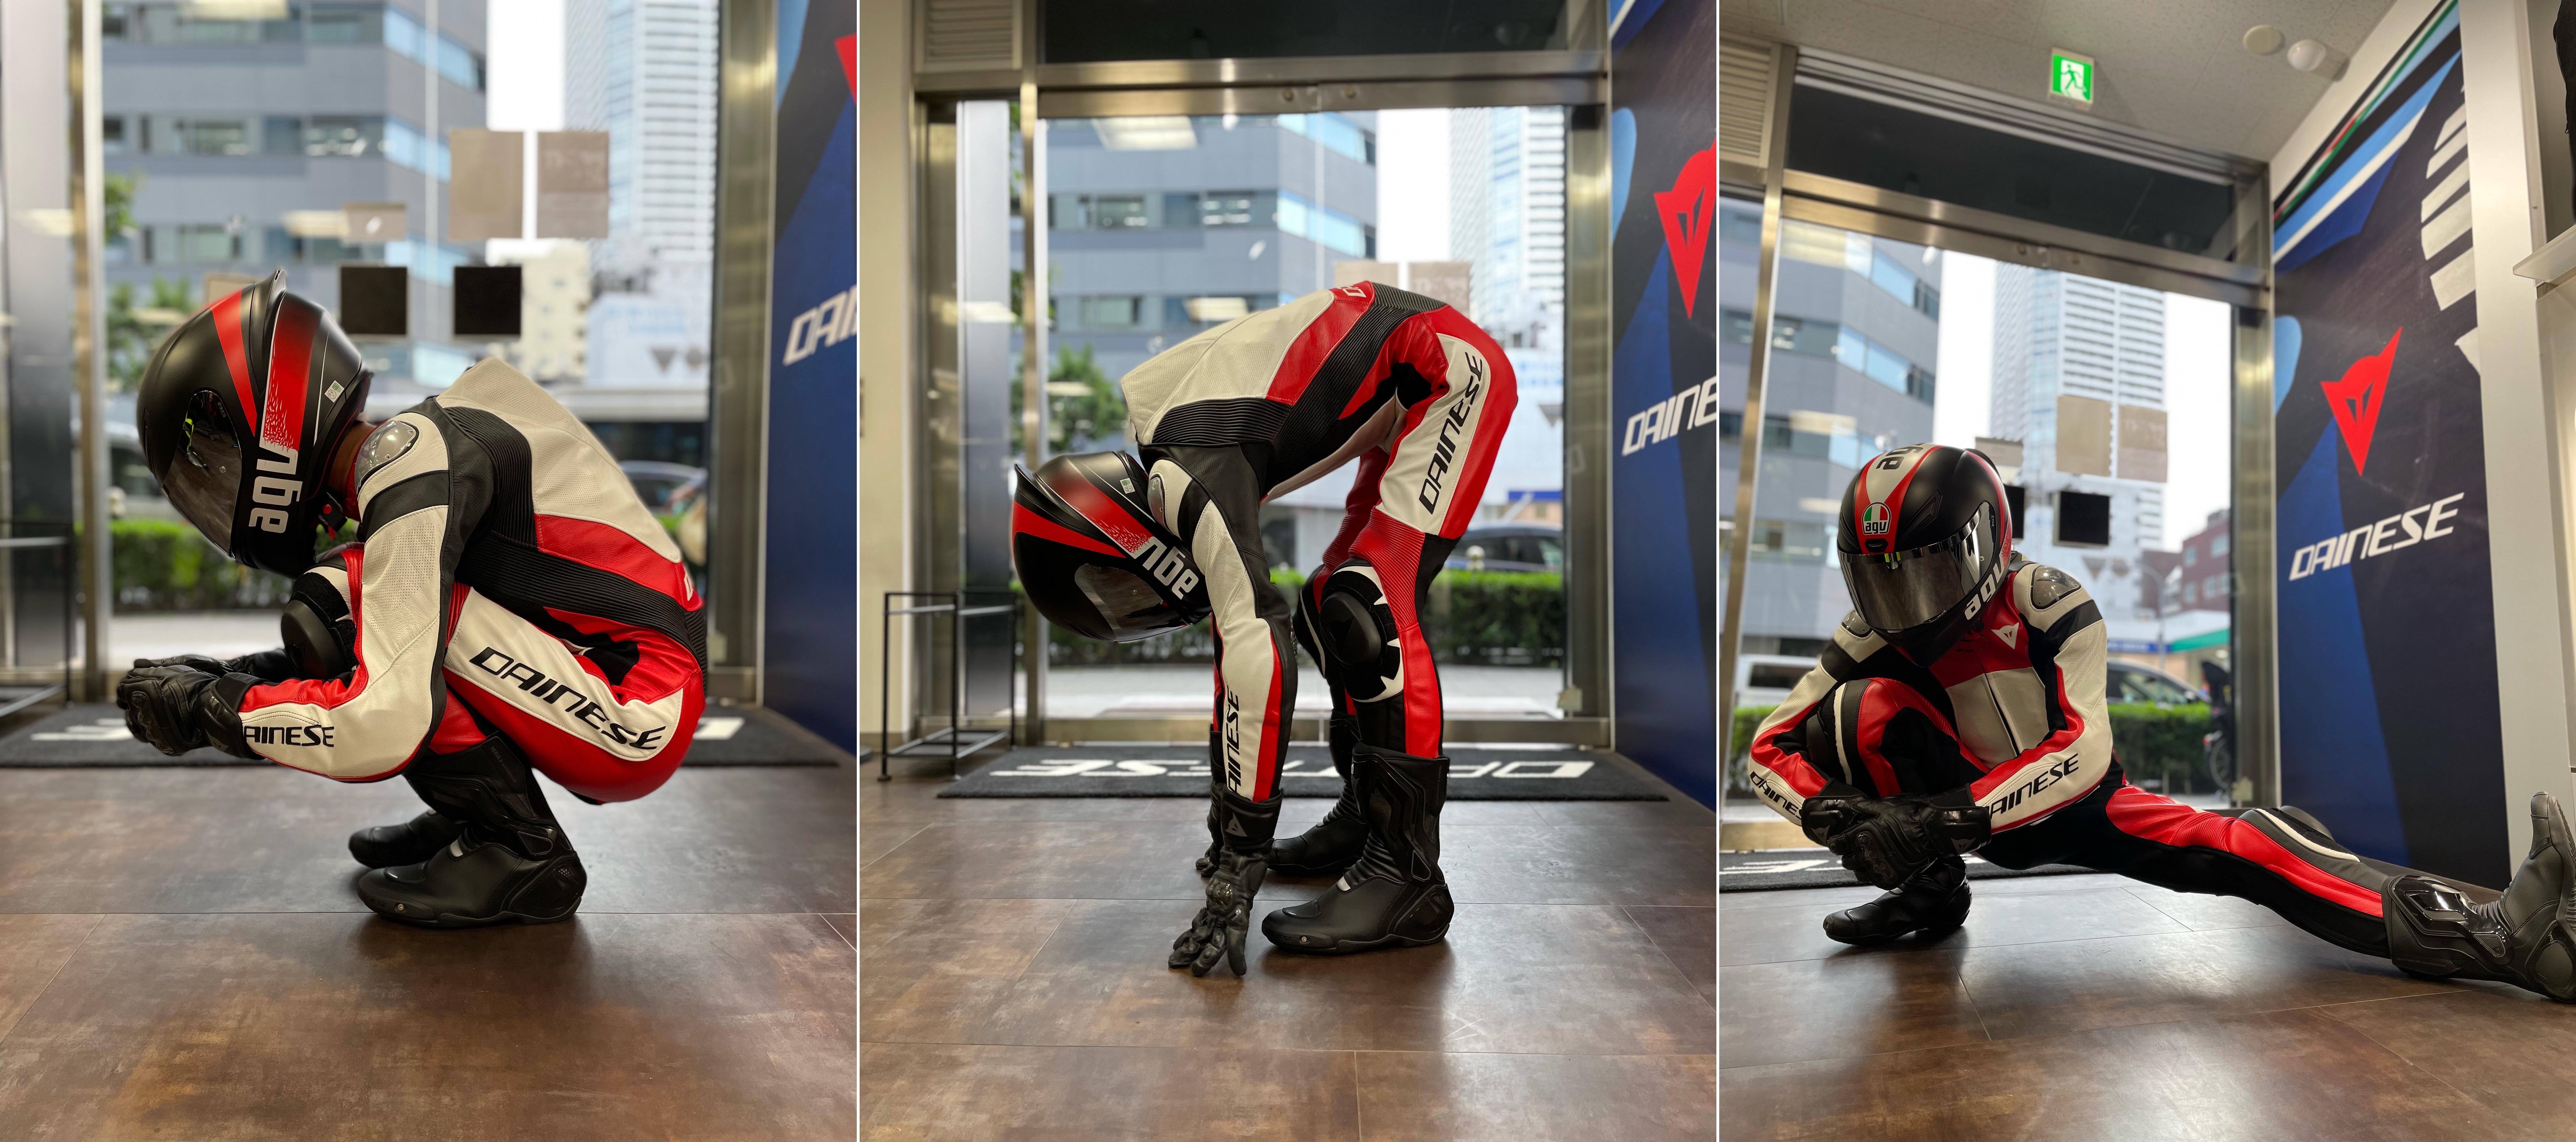 これからサーキットを走りたいライダー向けのレザースーツ【ASSEN 2 1PC. PERF. LEATHER SUIT】